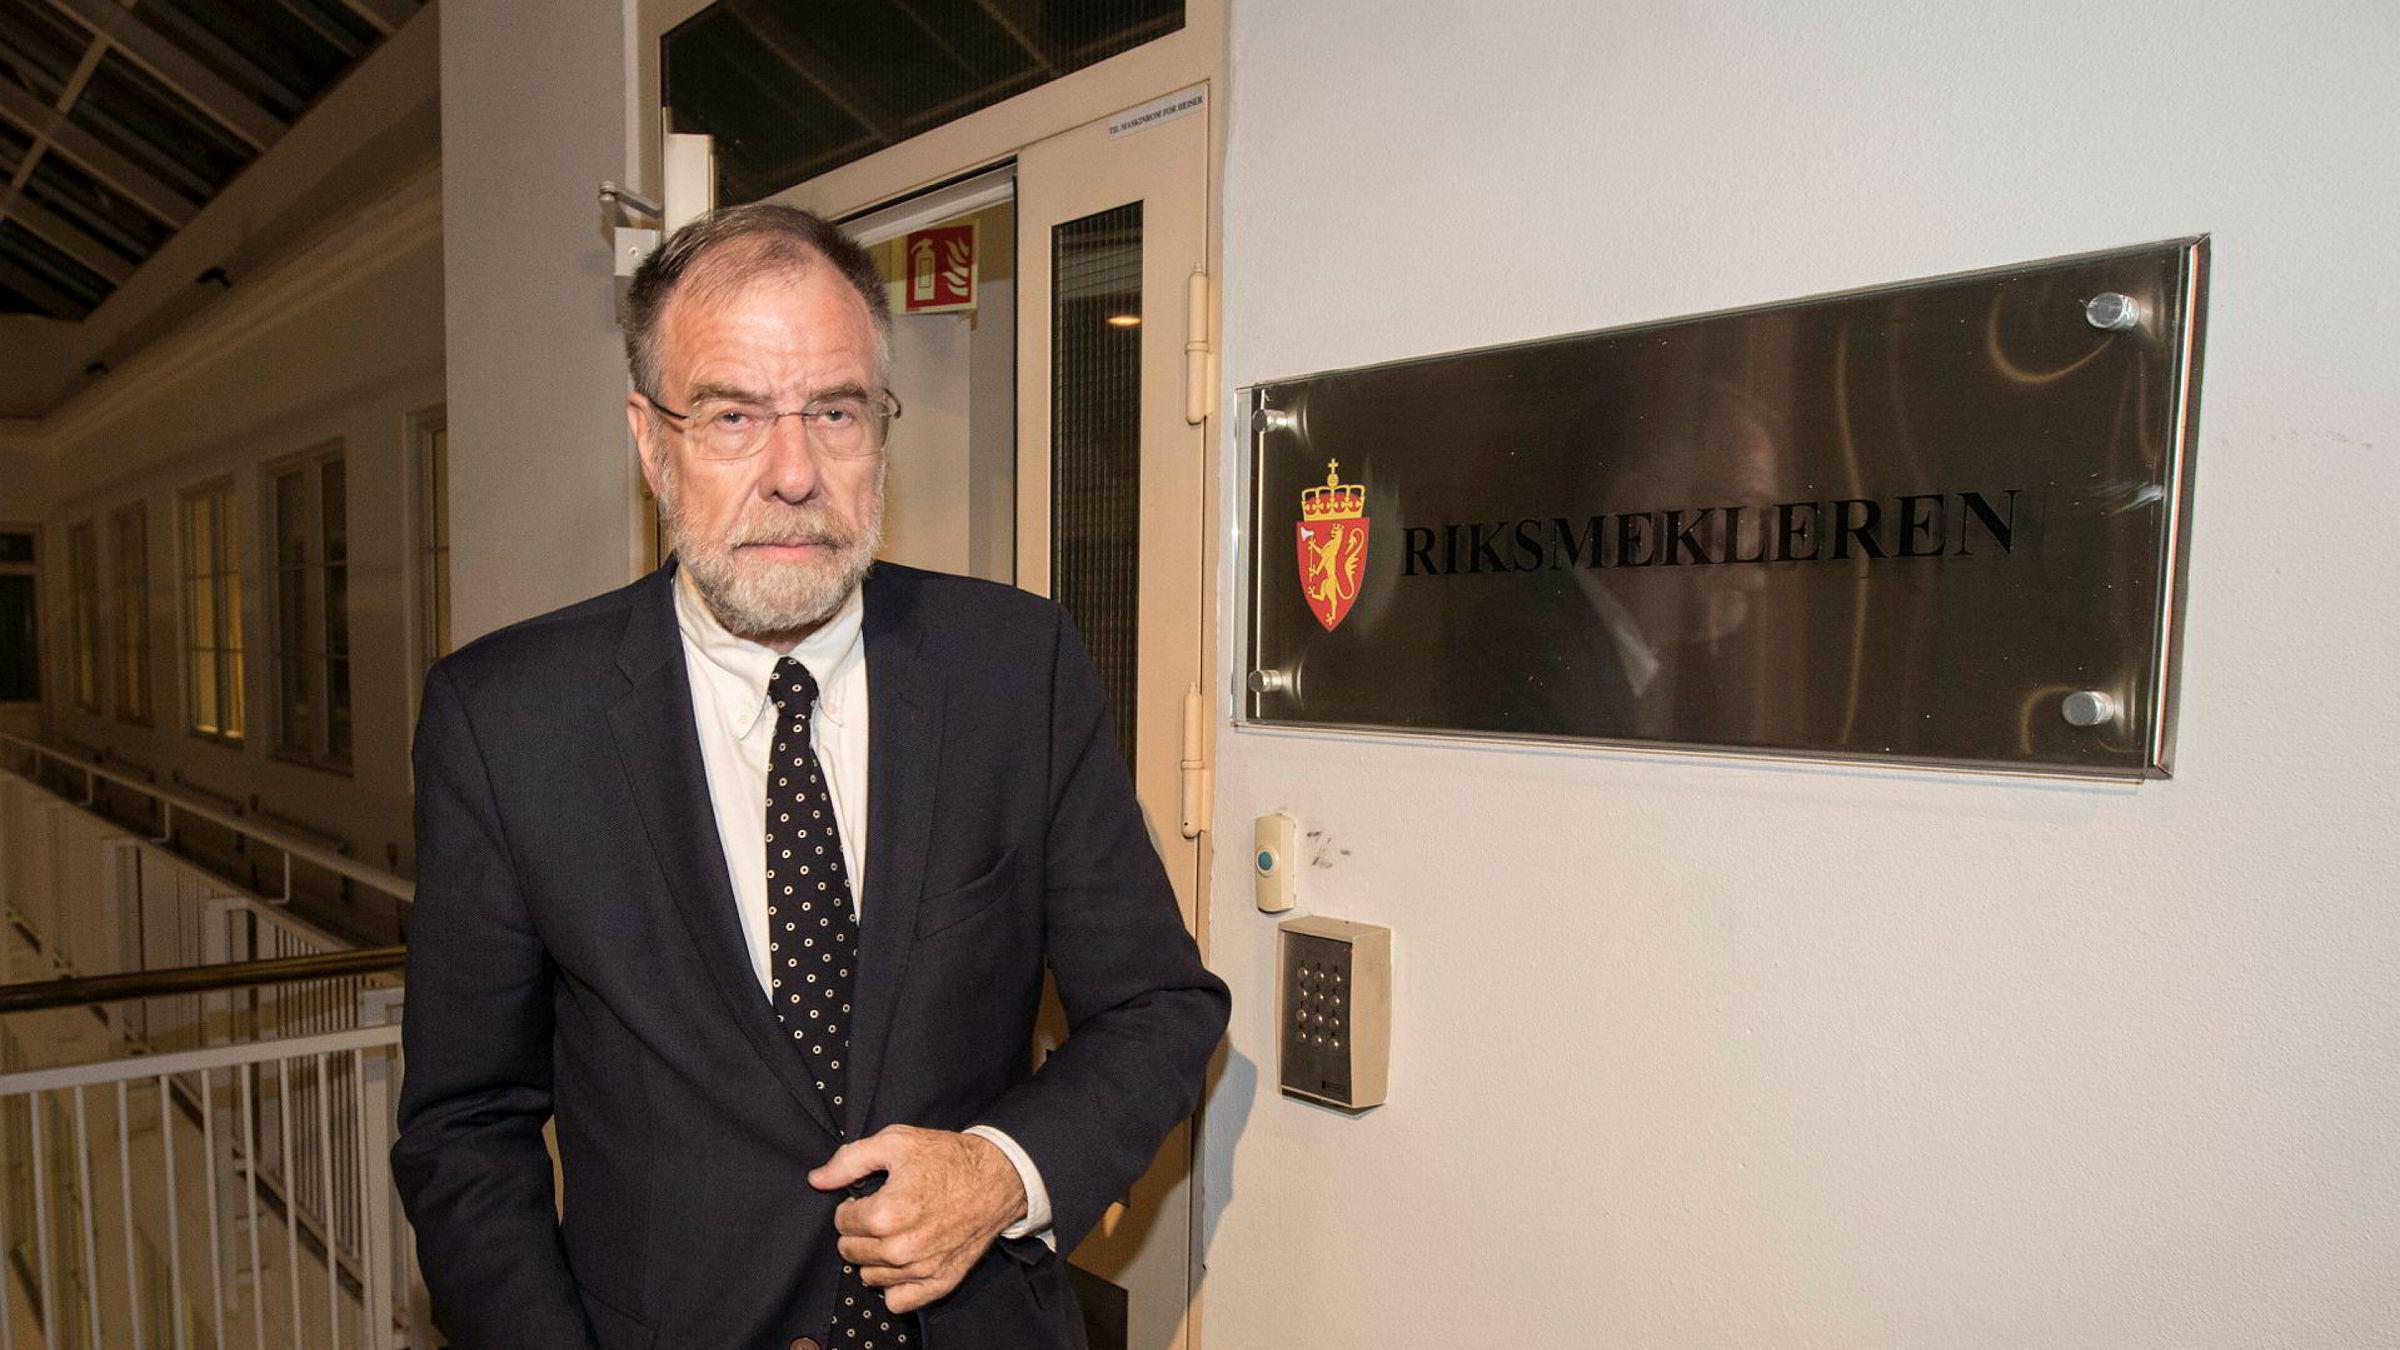 Litt før klokken 04 natt til torsdag kunne riksmegler Nils Dalseide informere pressen om at partene var kommet til enighet og at SAS-streiken er avblåst.